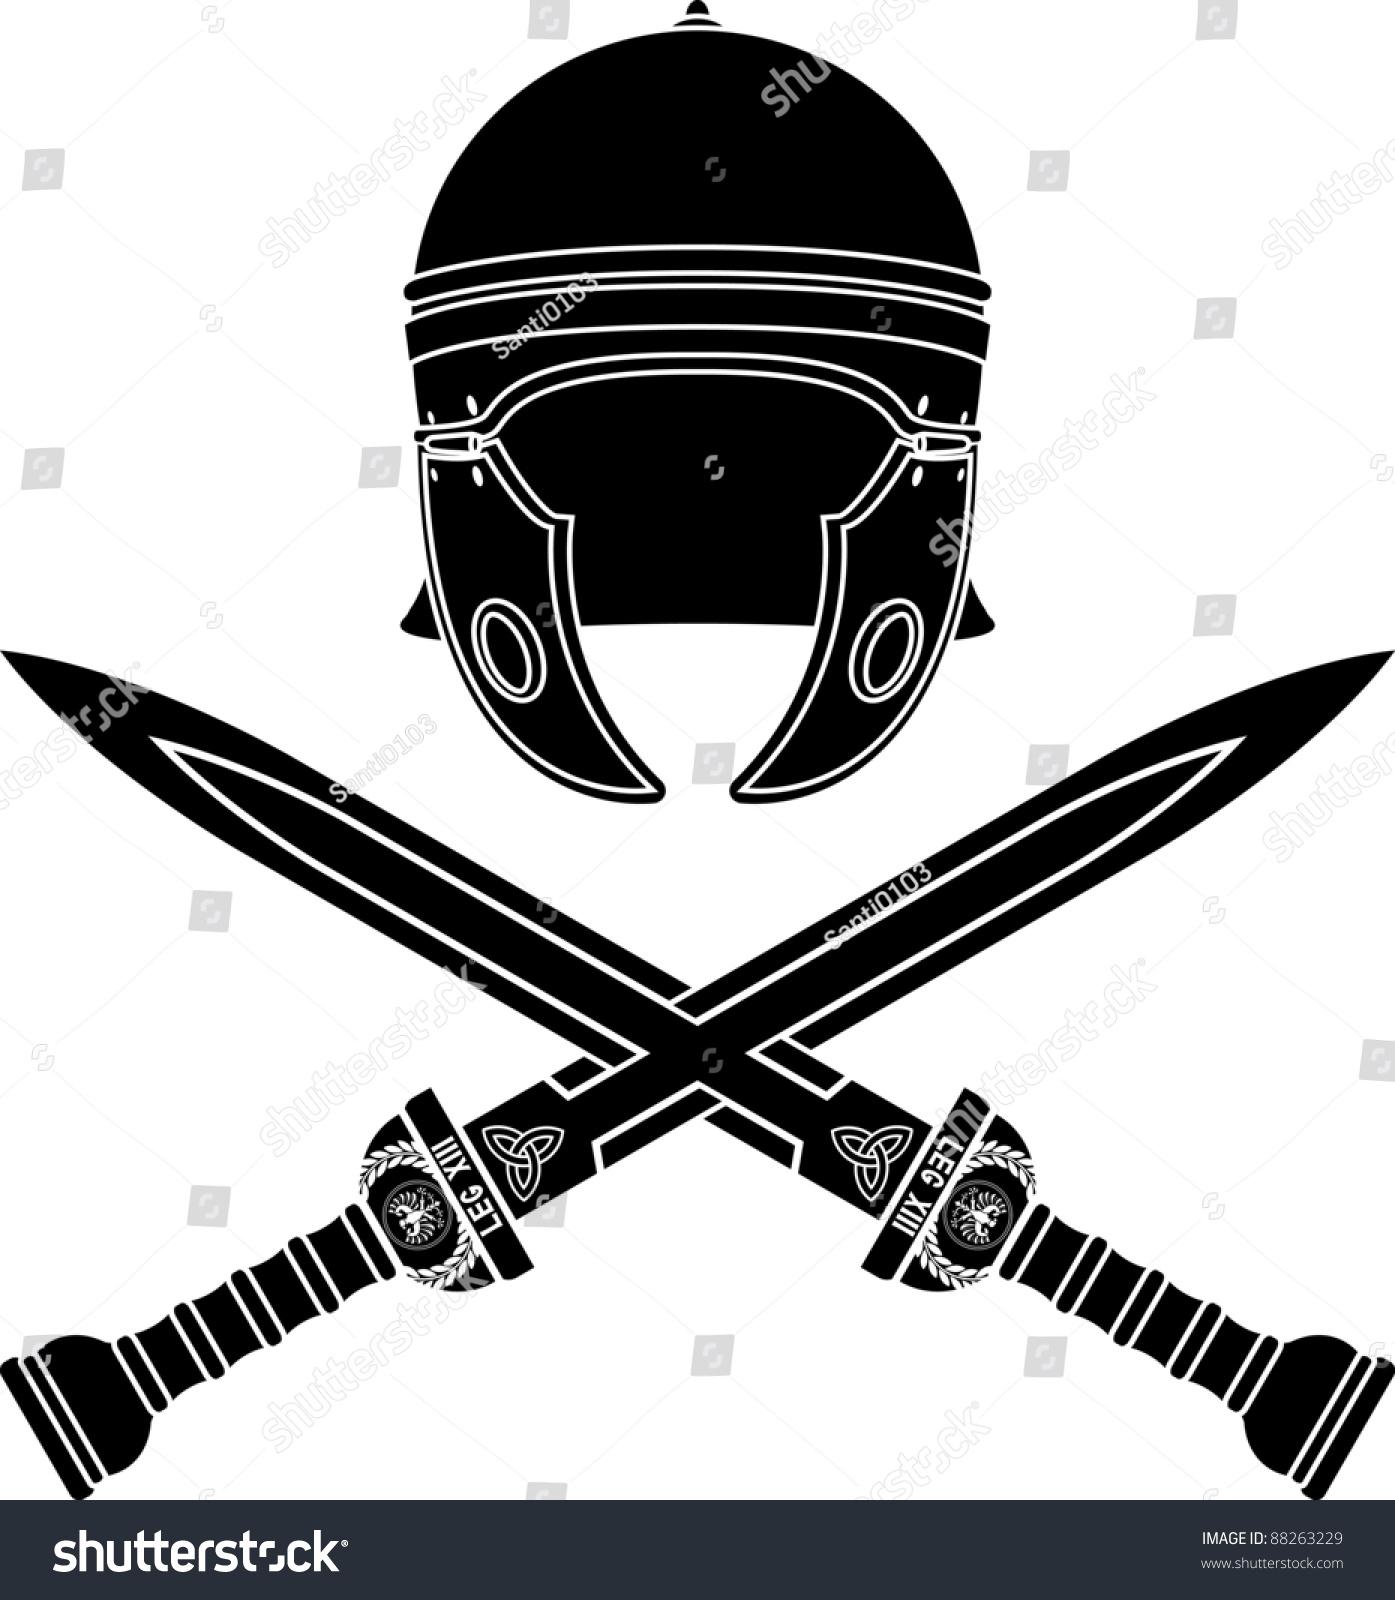 roman helmet swords second variant stencil stock vector 88263229